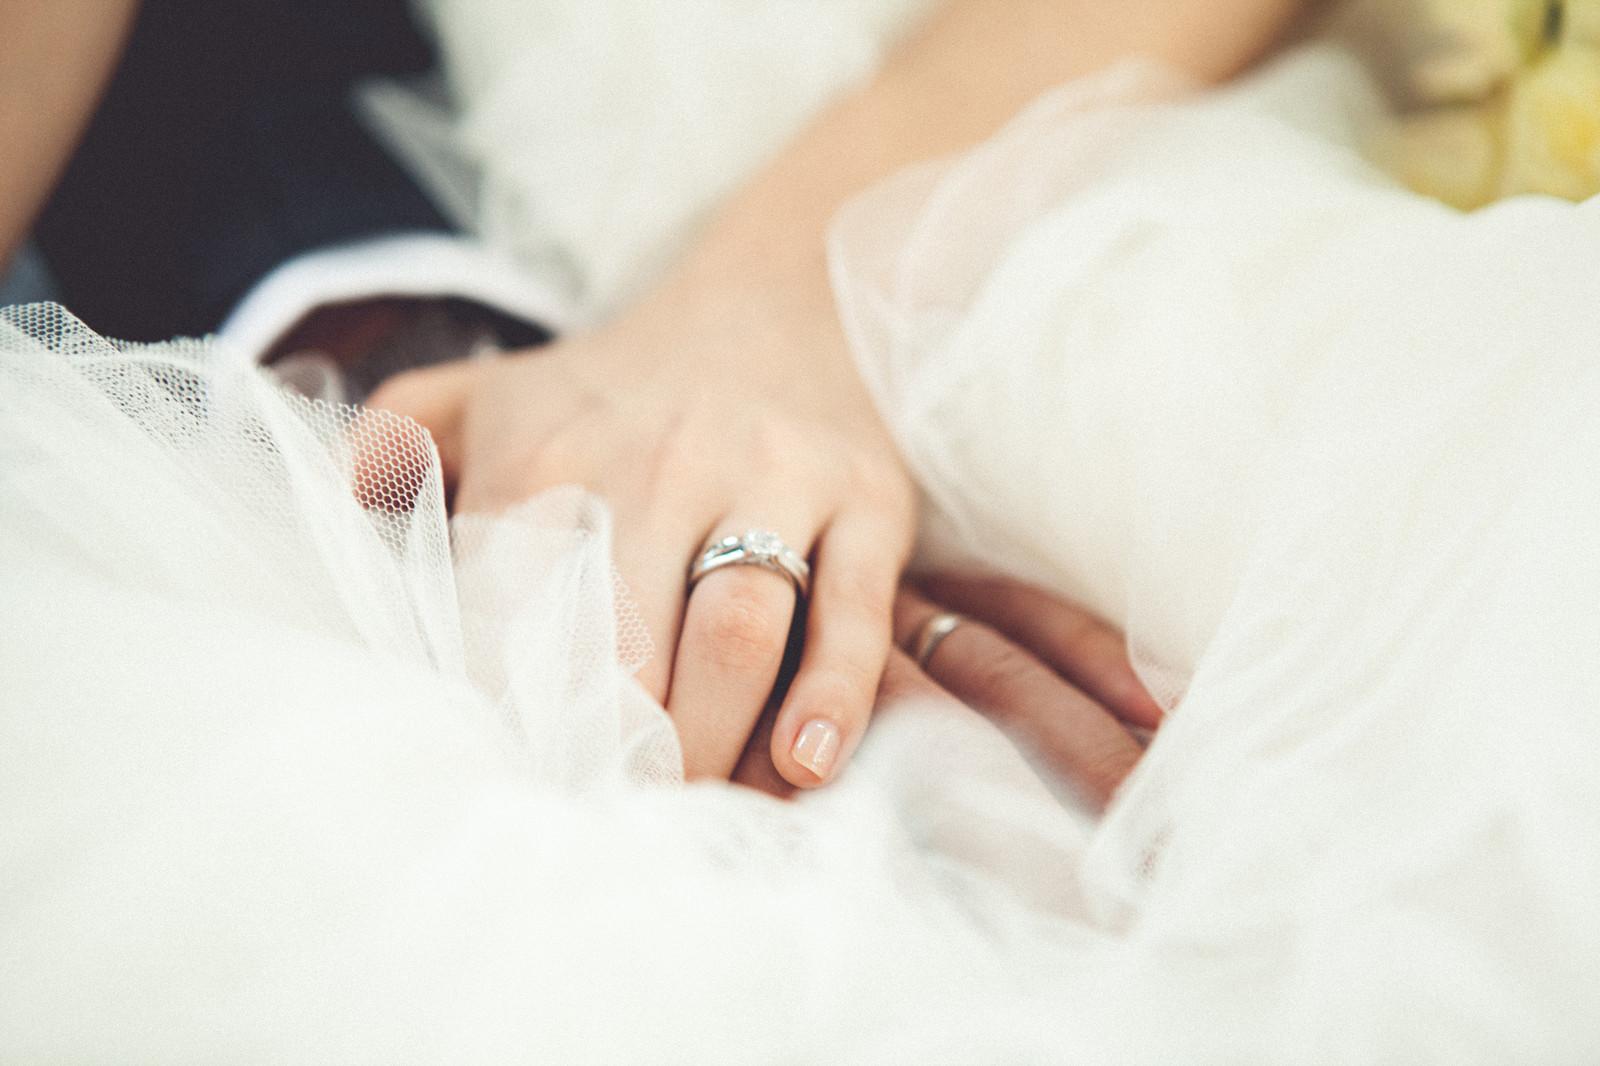 بالصور صور رومانسيه وحب , احلى واجمل صور معبرة عن الحب والعشق 1472 7